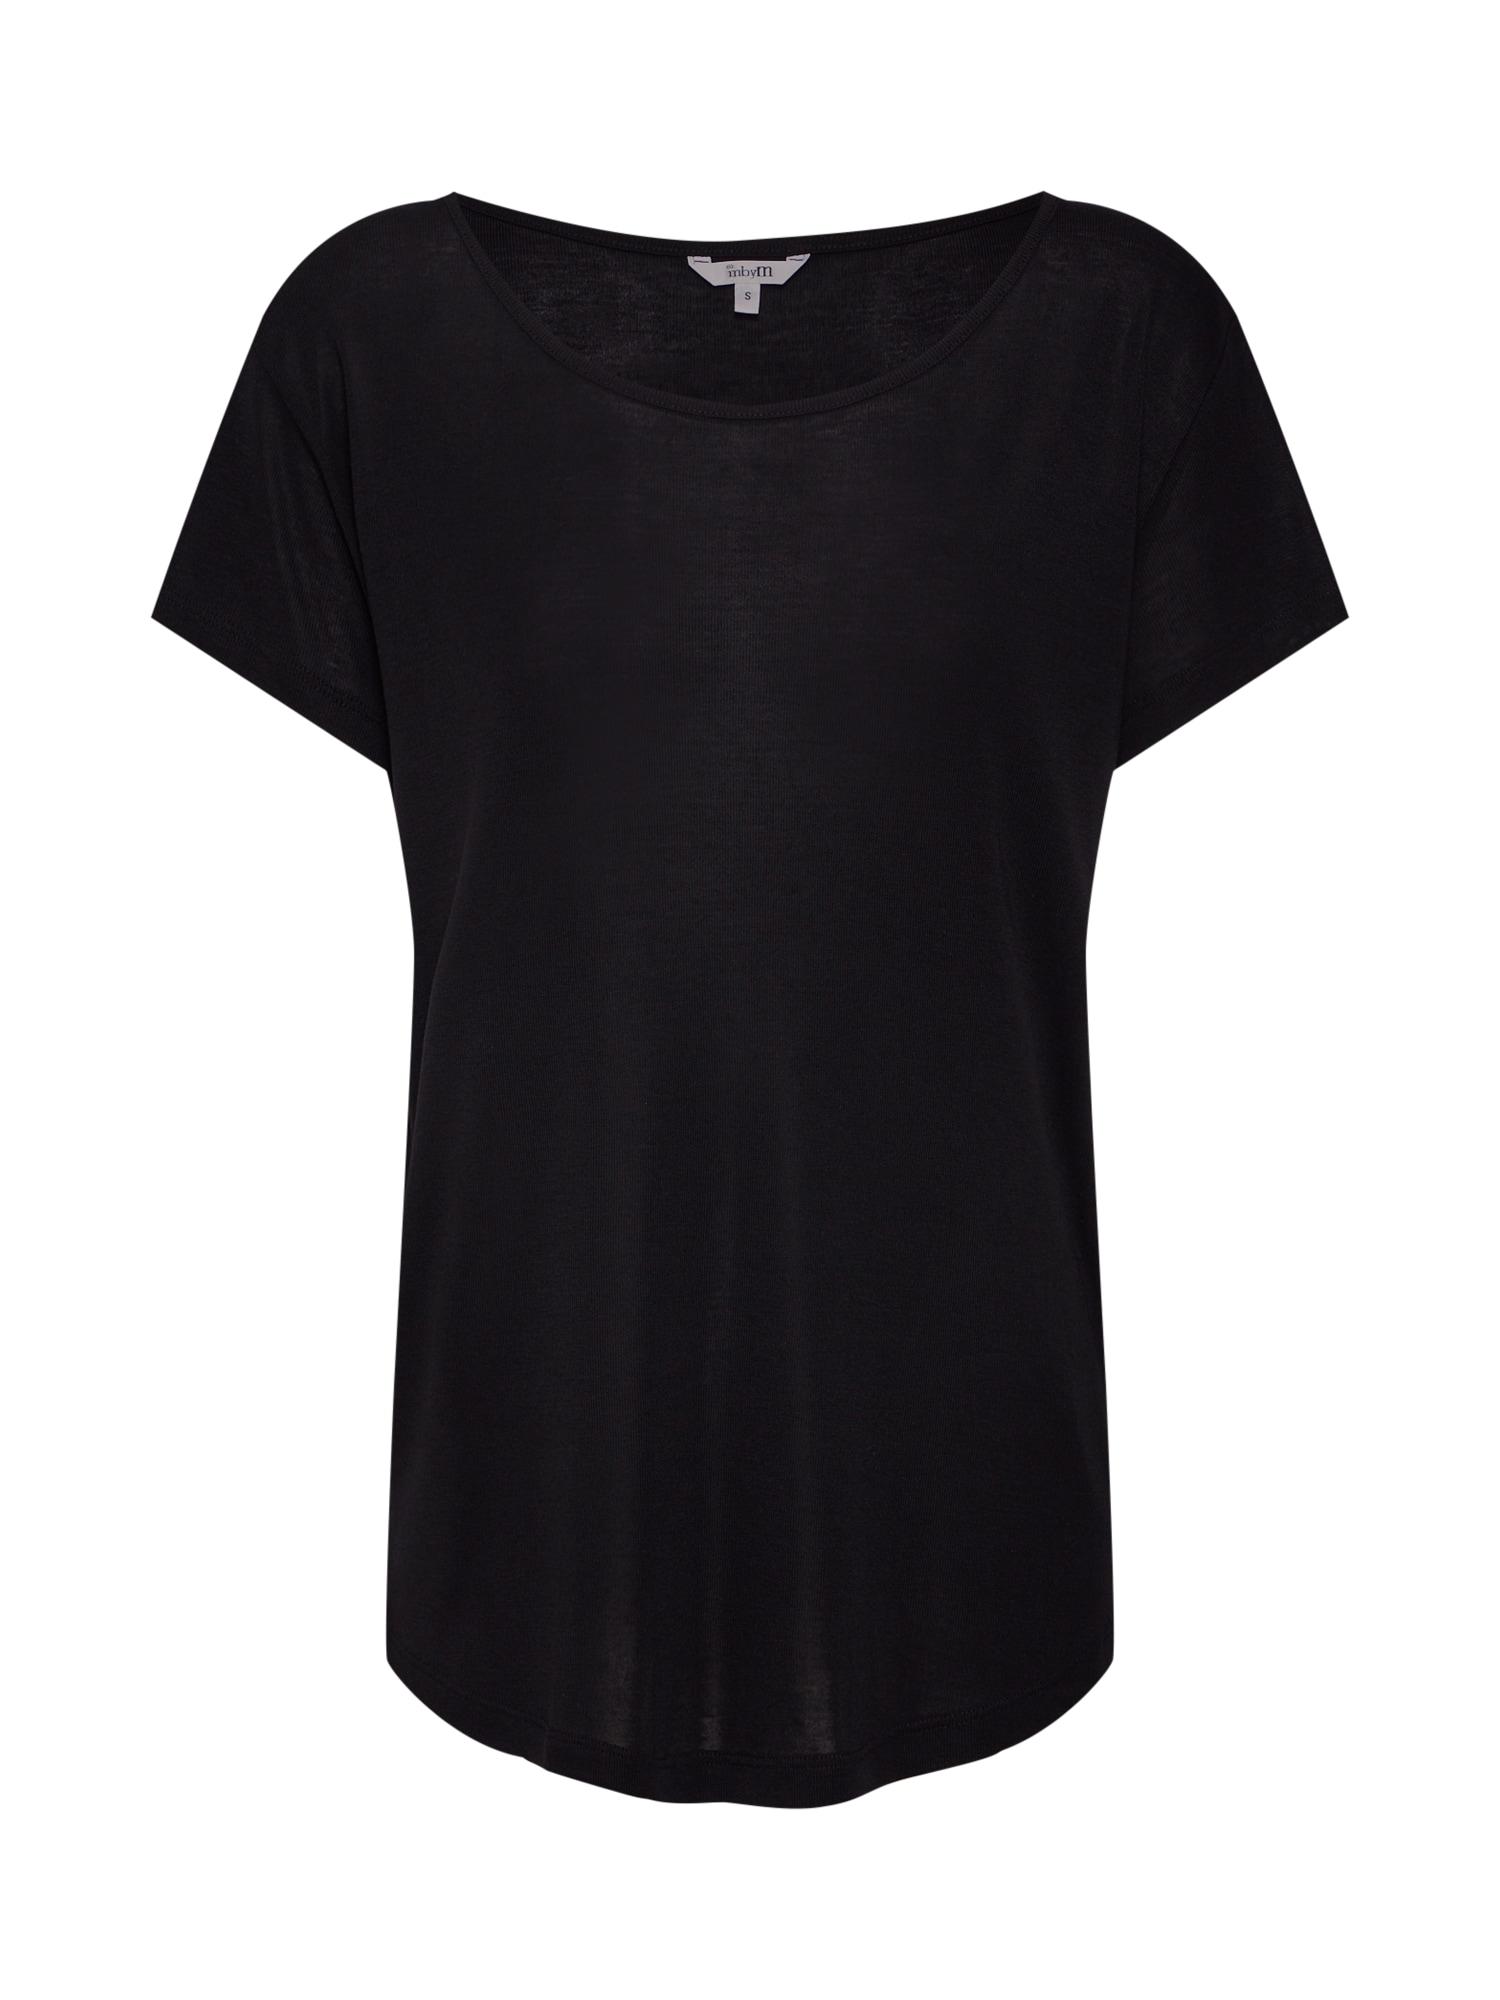 Tričko Lucianna černá Mbym